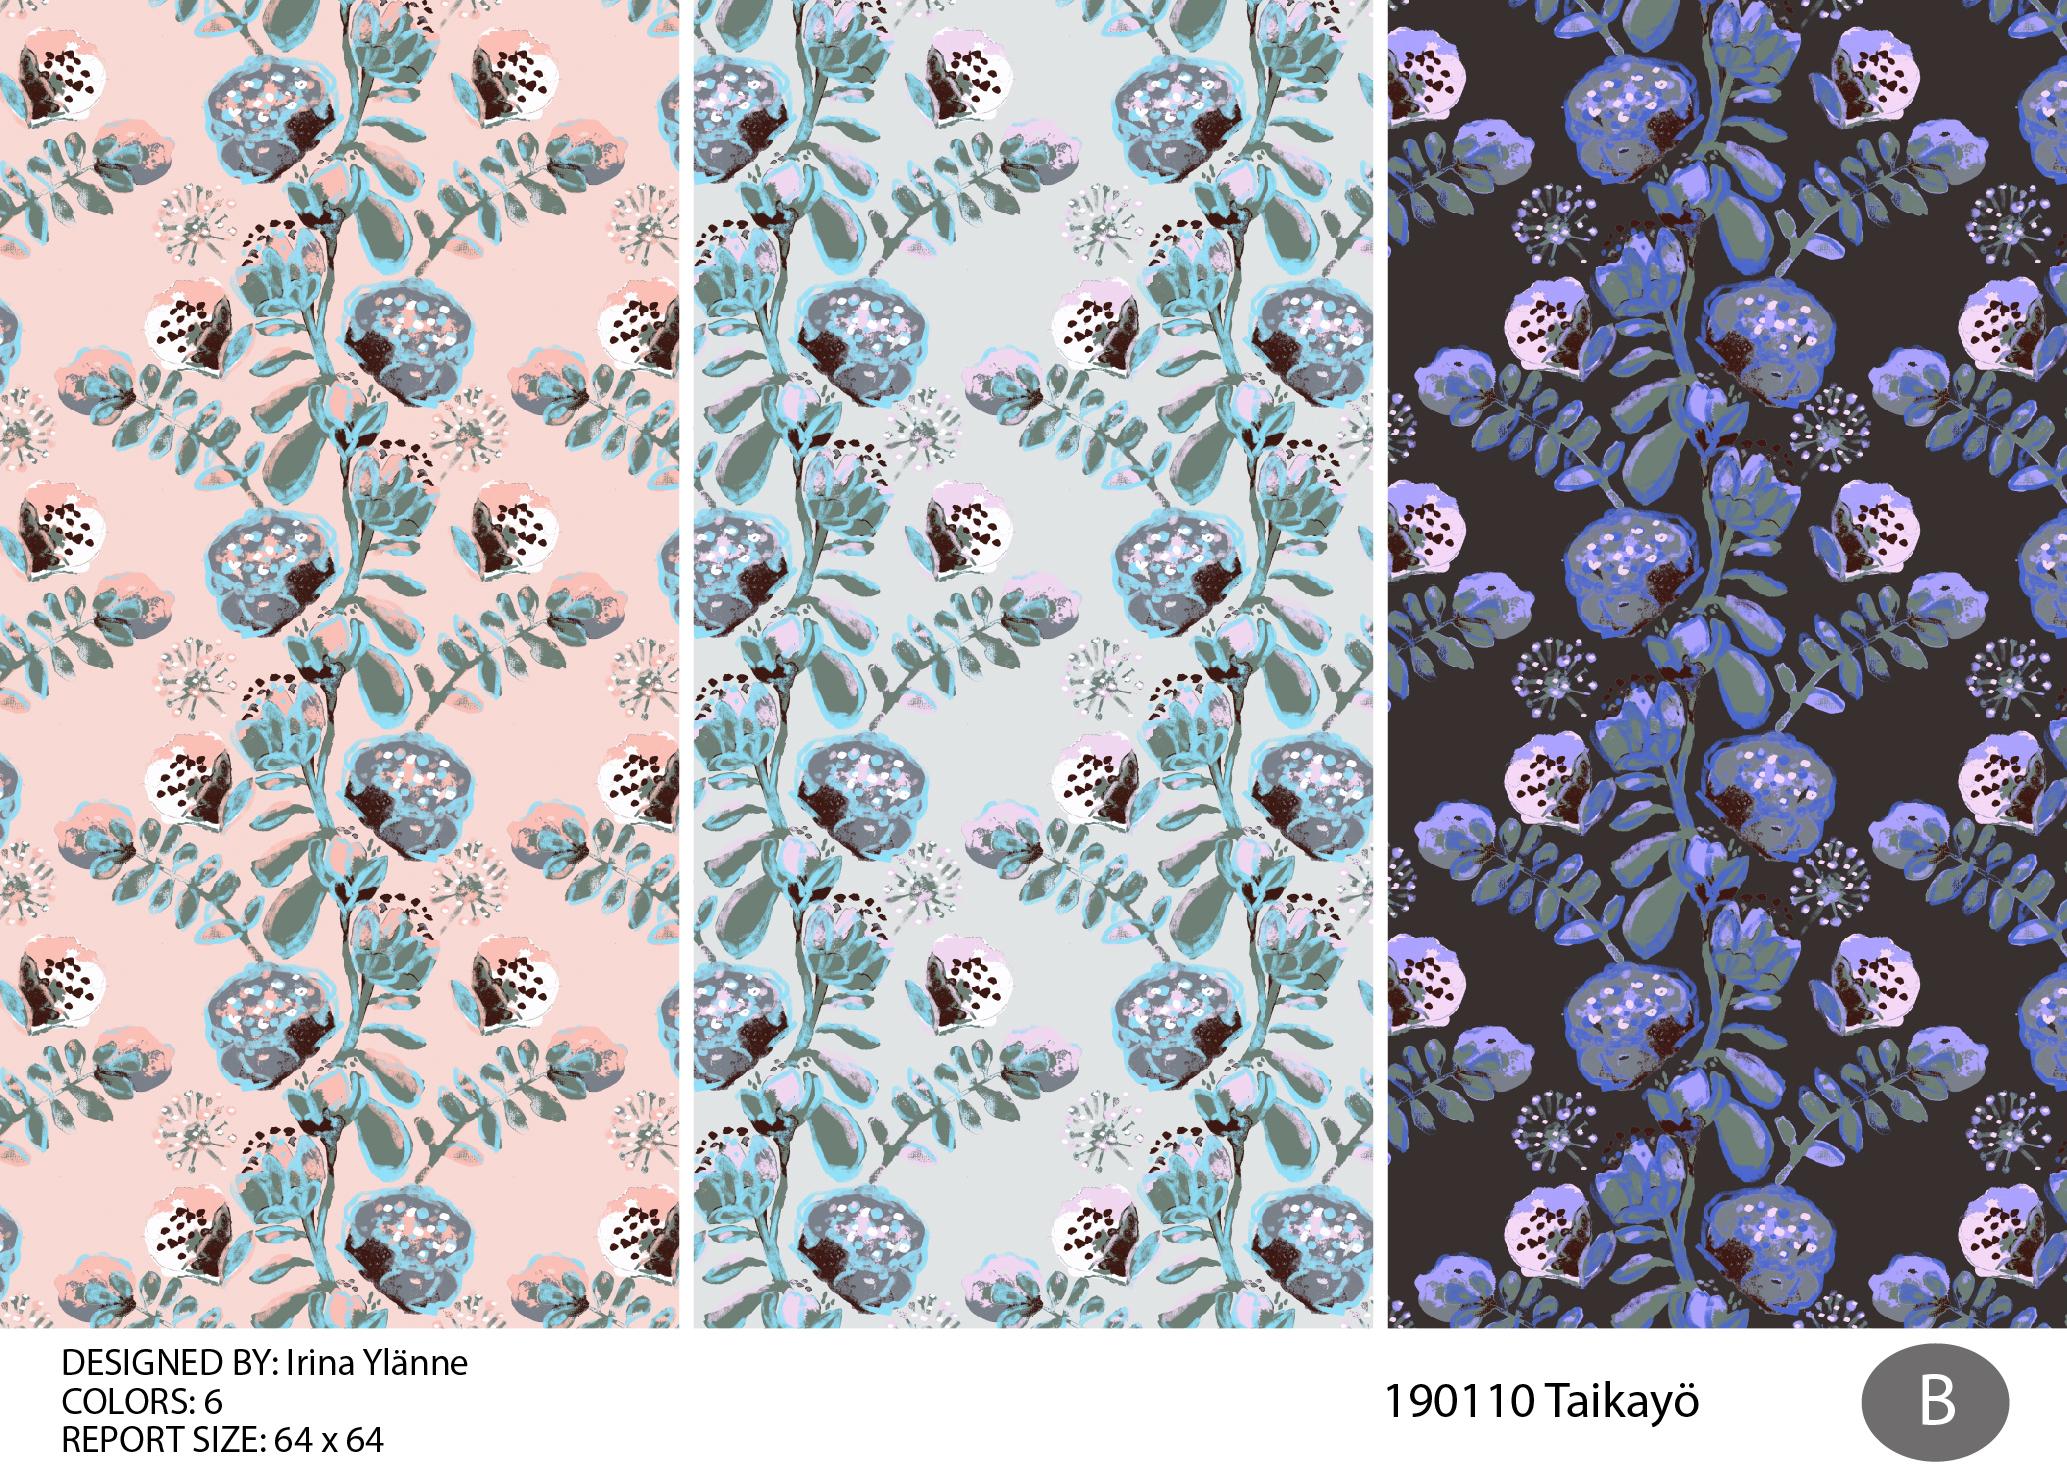 irinas_taikayo_190110-02